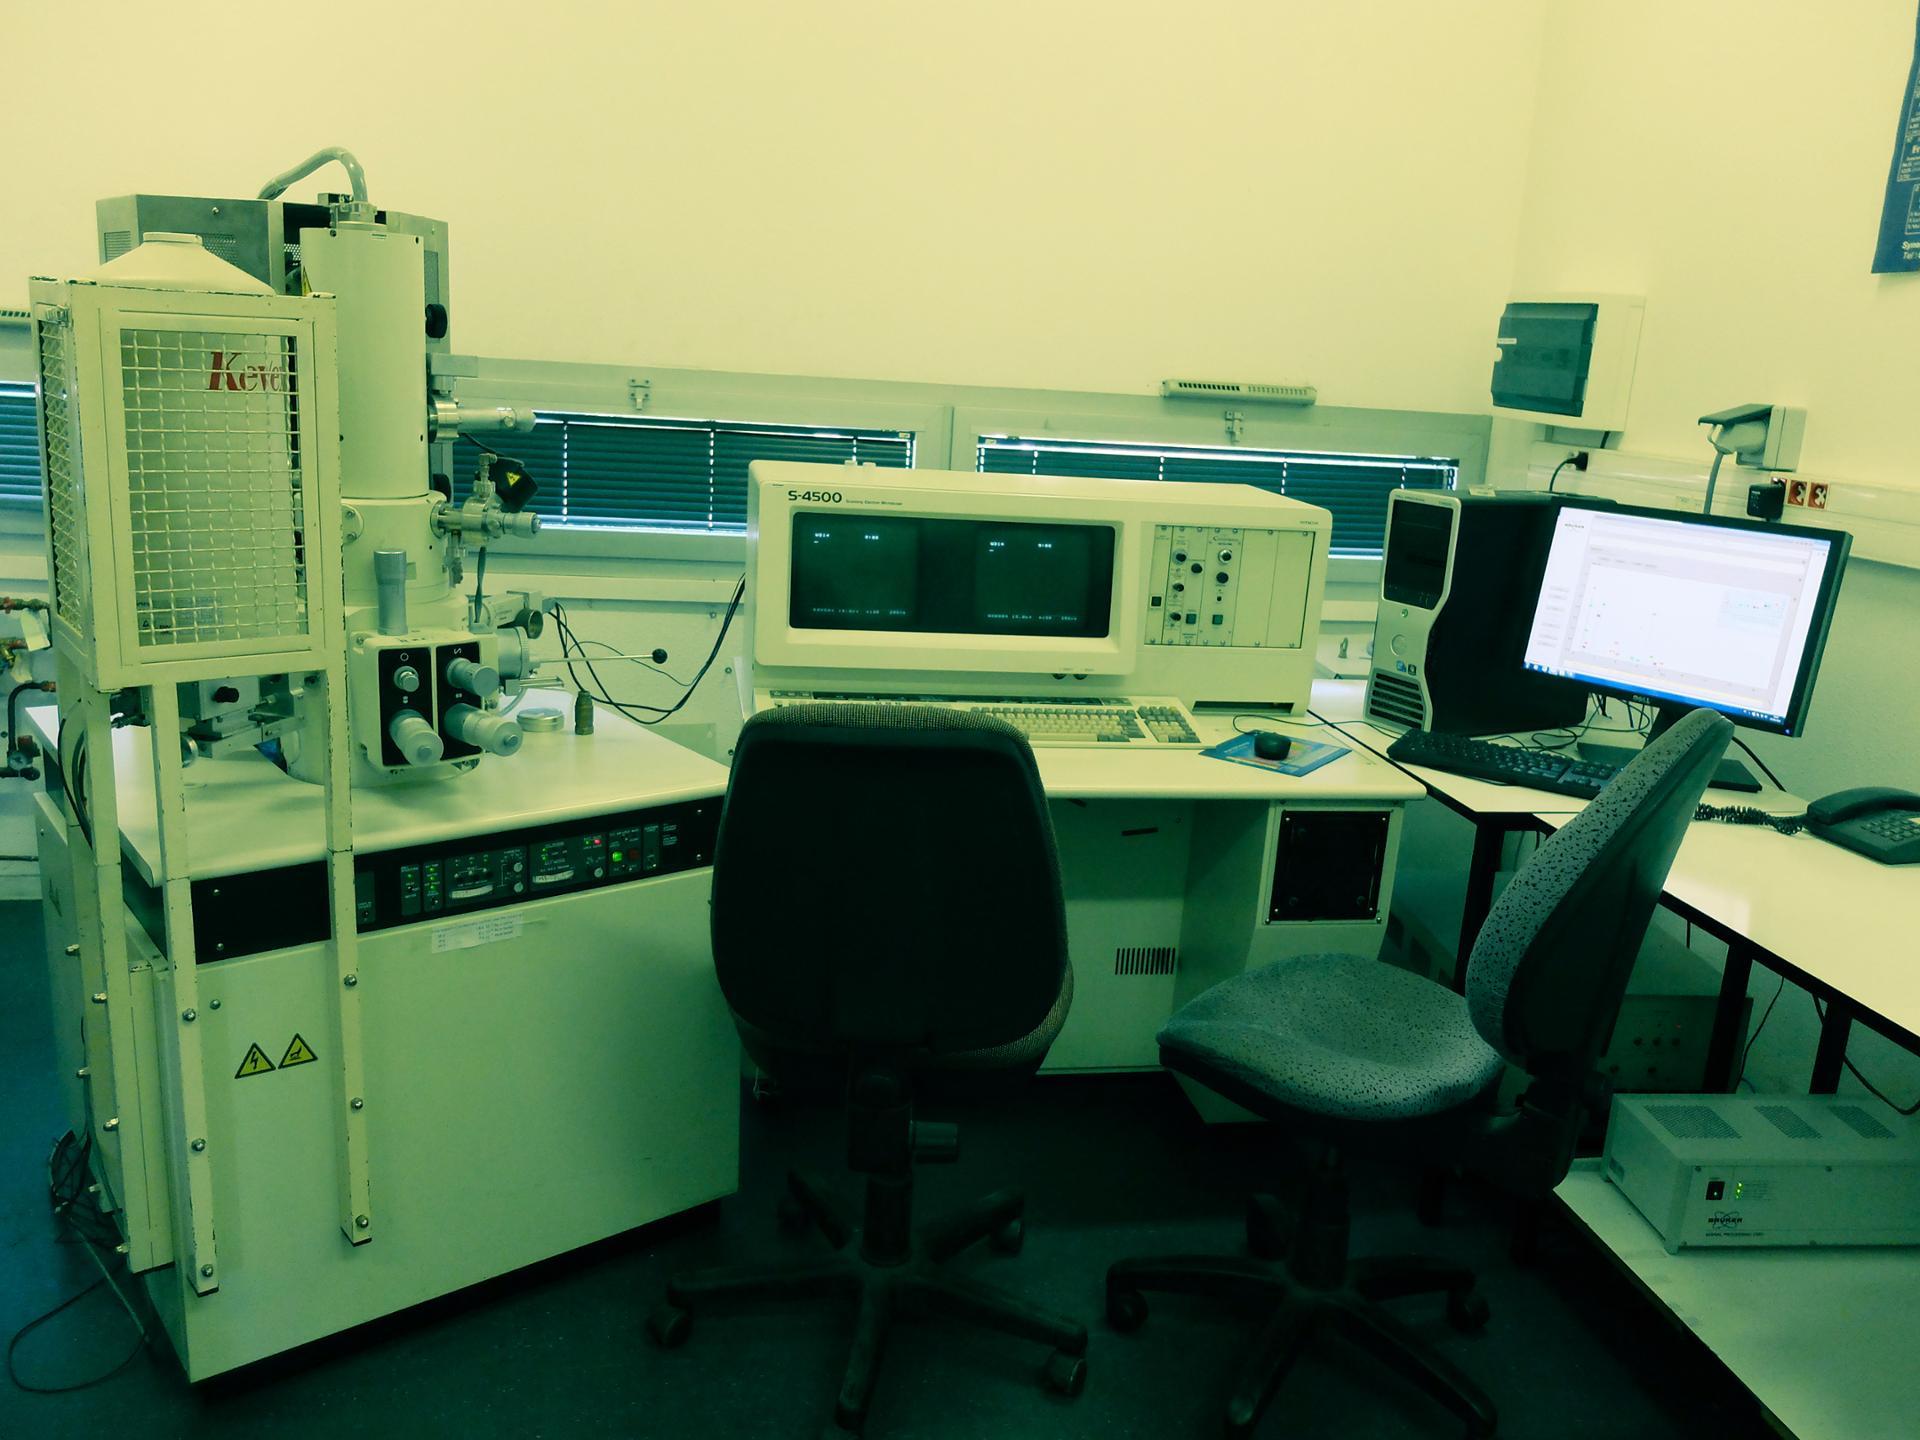 Intérieur d'un scientifique vintage